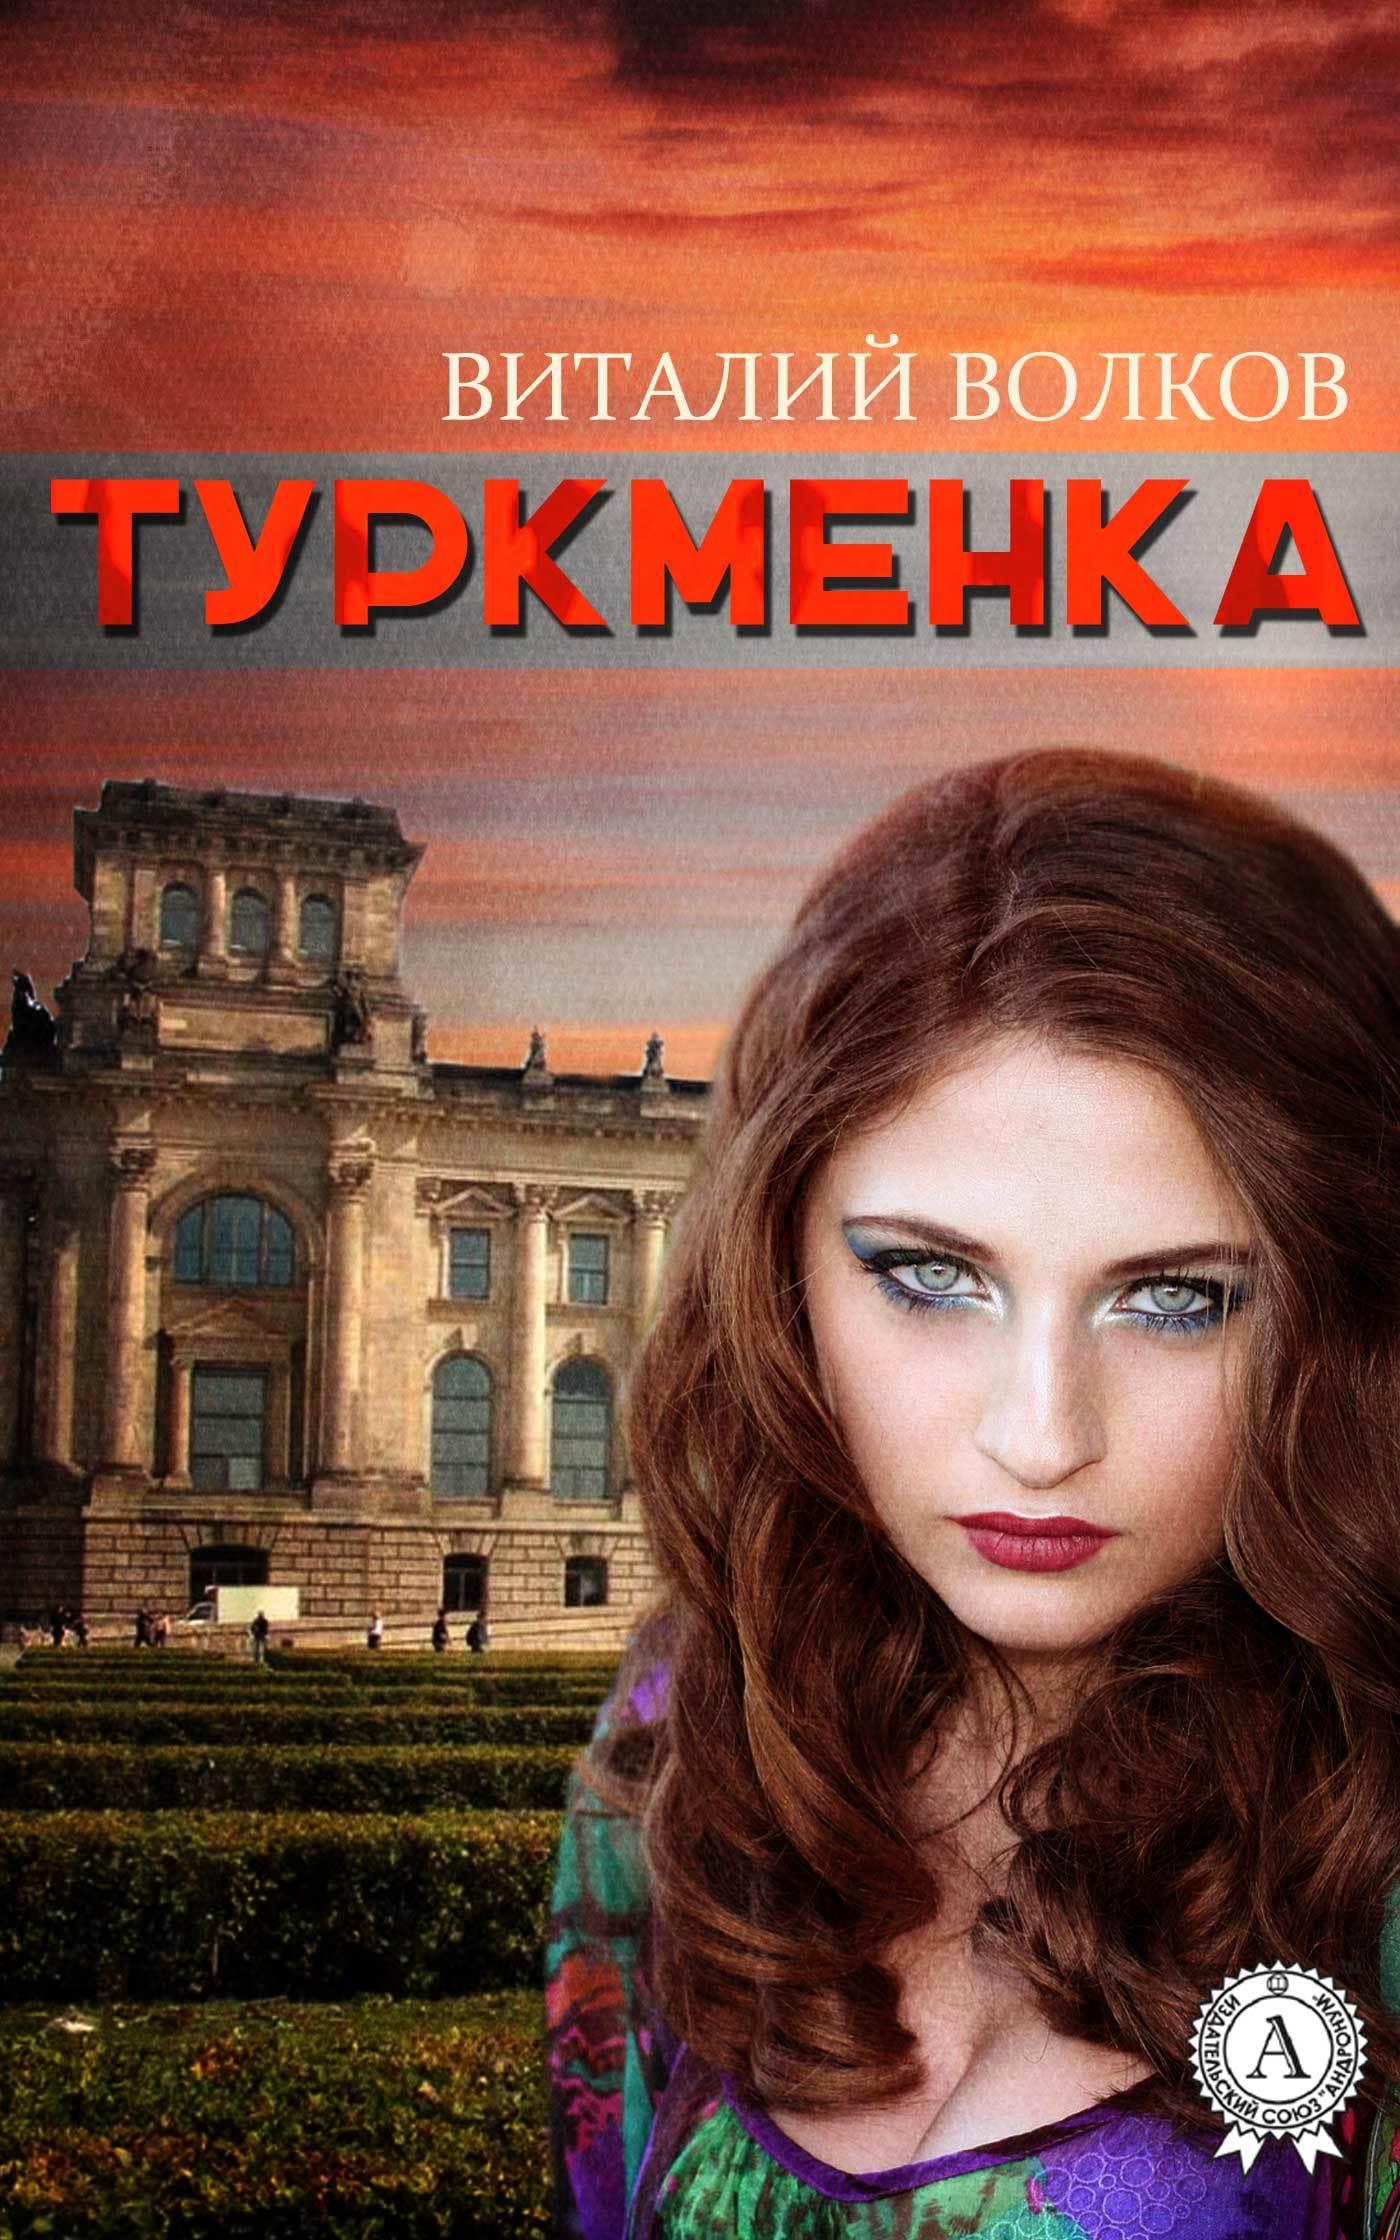 захватывающий сюжет в книге Виталий Волков